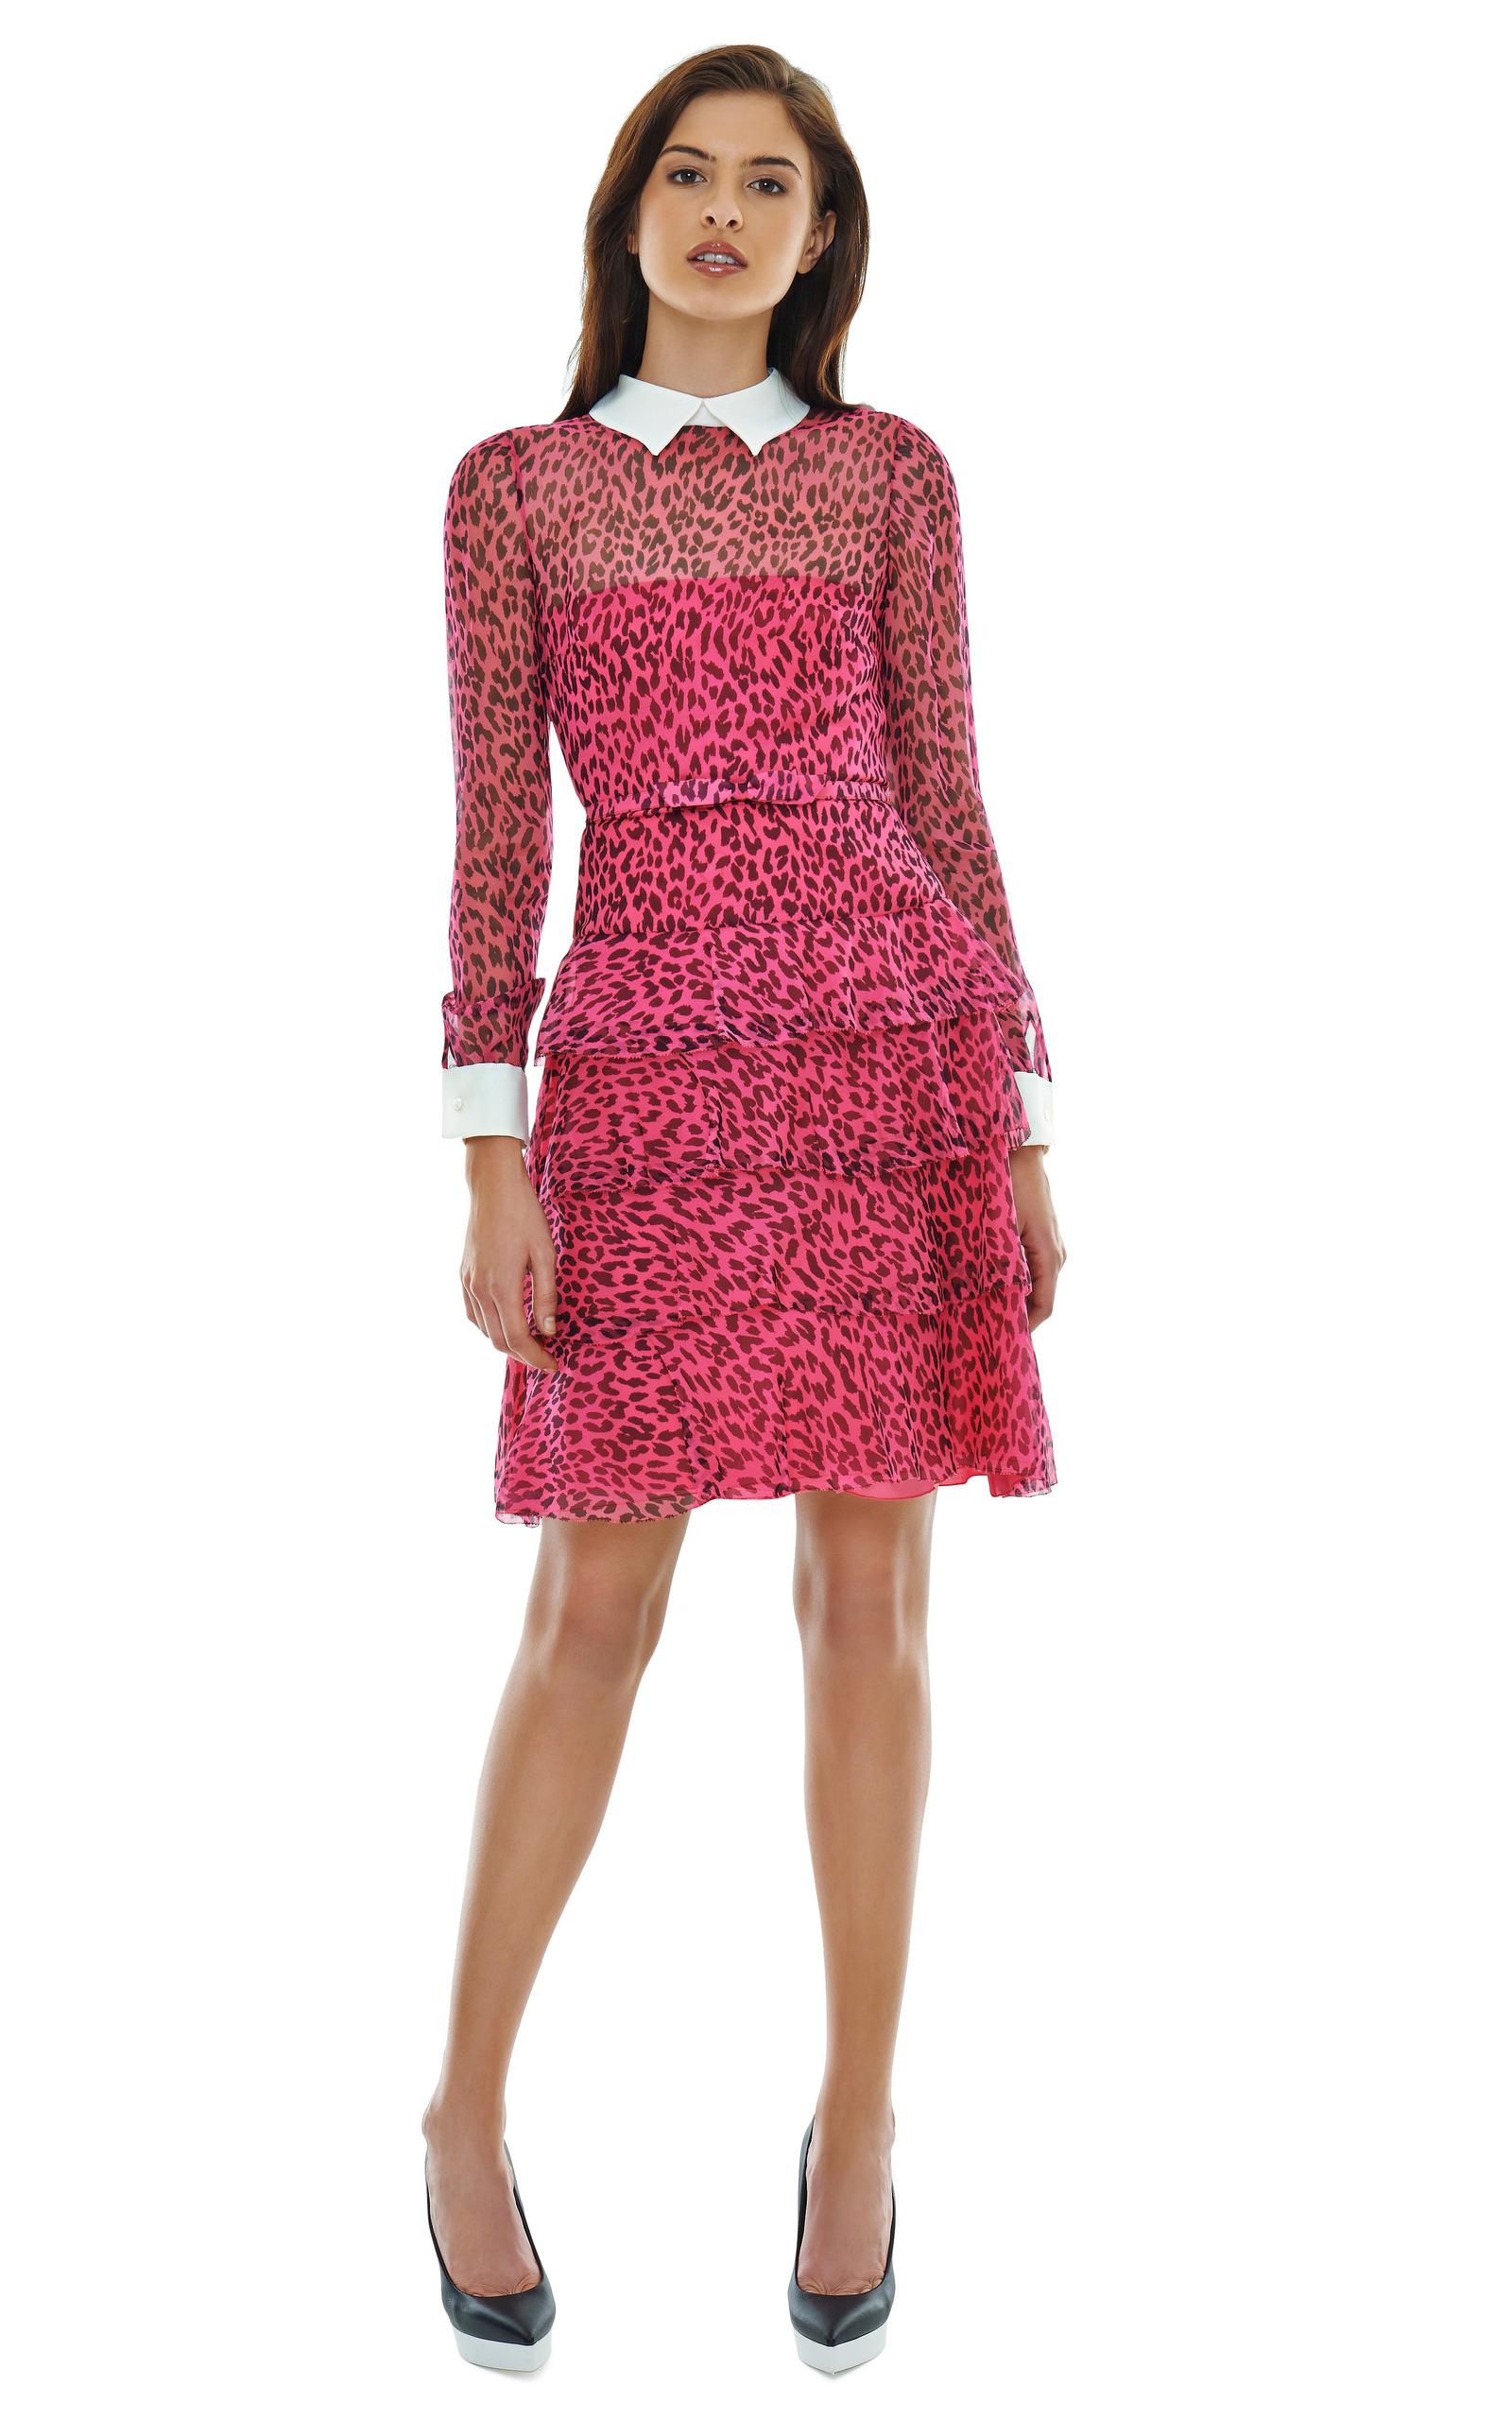 Shirt with Full Skirt Dress